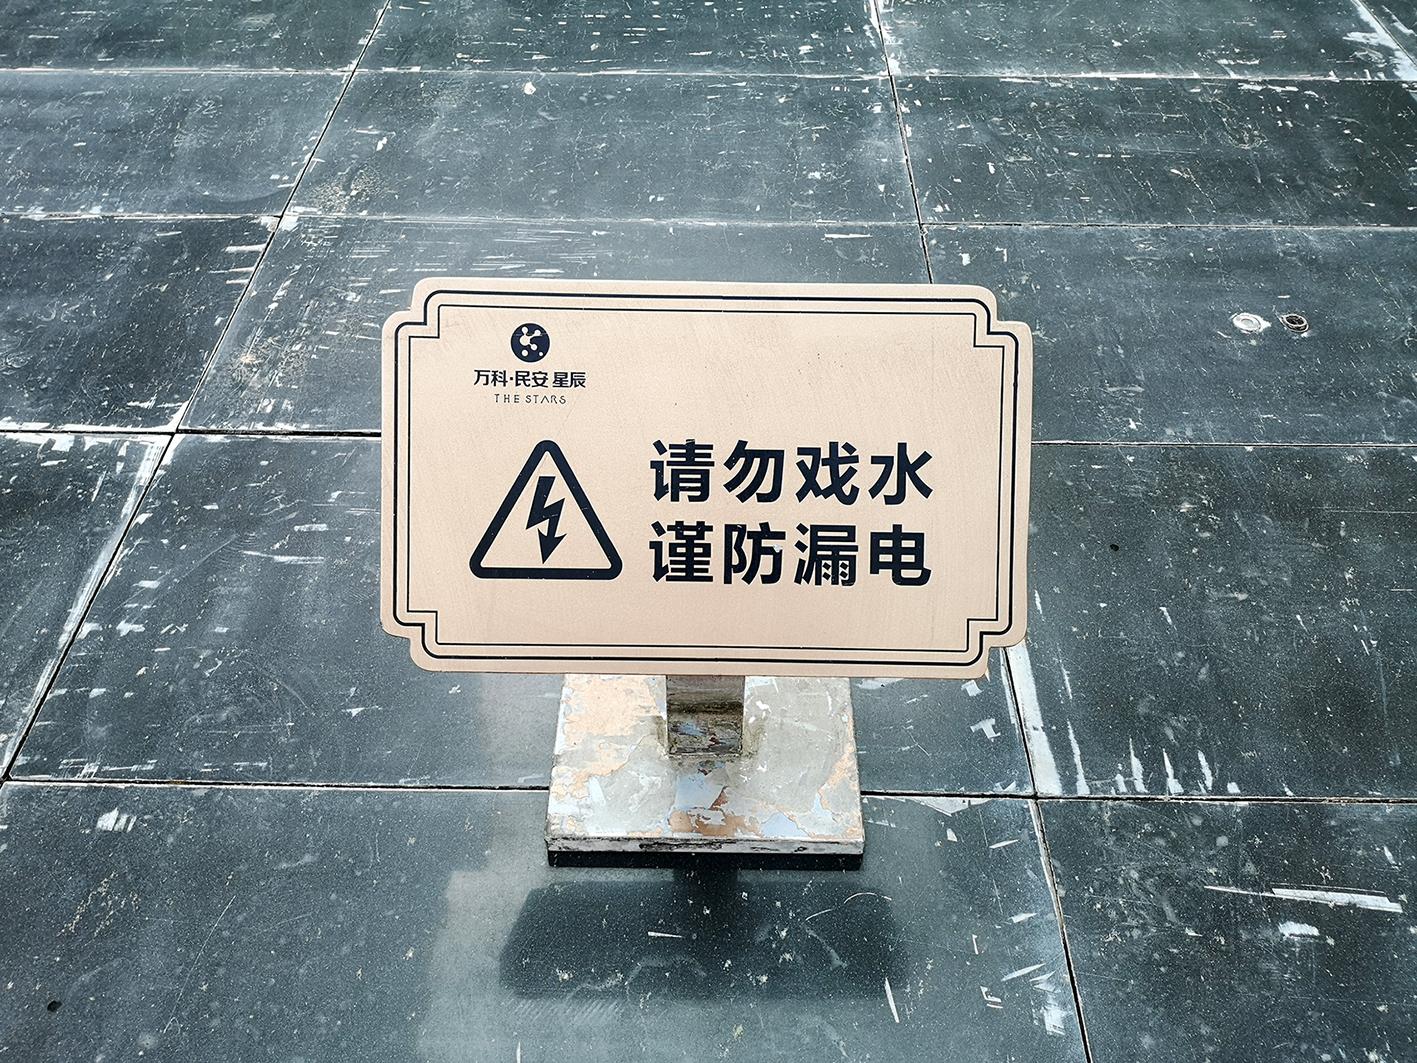 郑州标识标牌公司告诉你经常见的标识标牌一般有哪些类型?